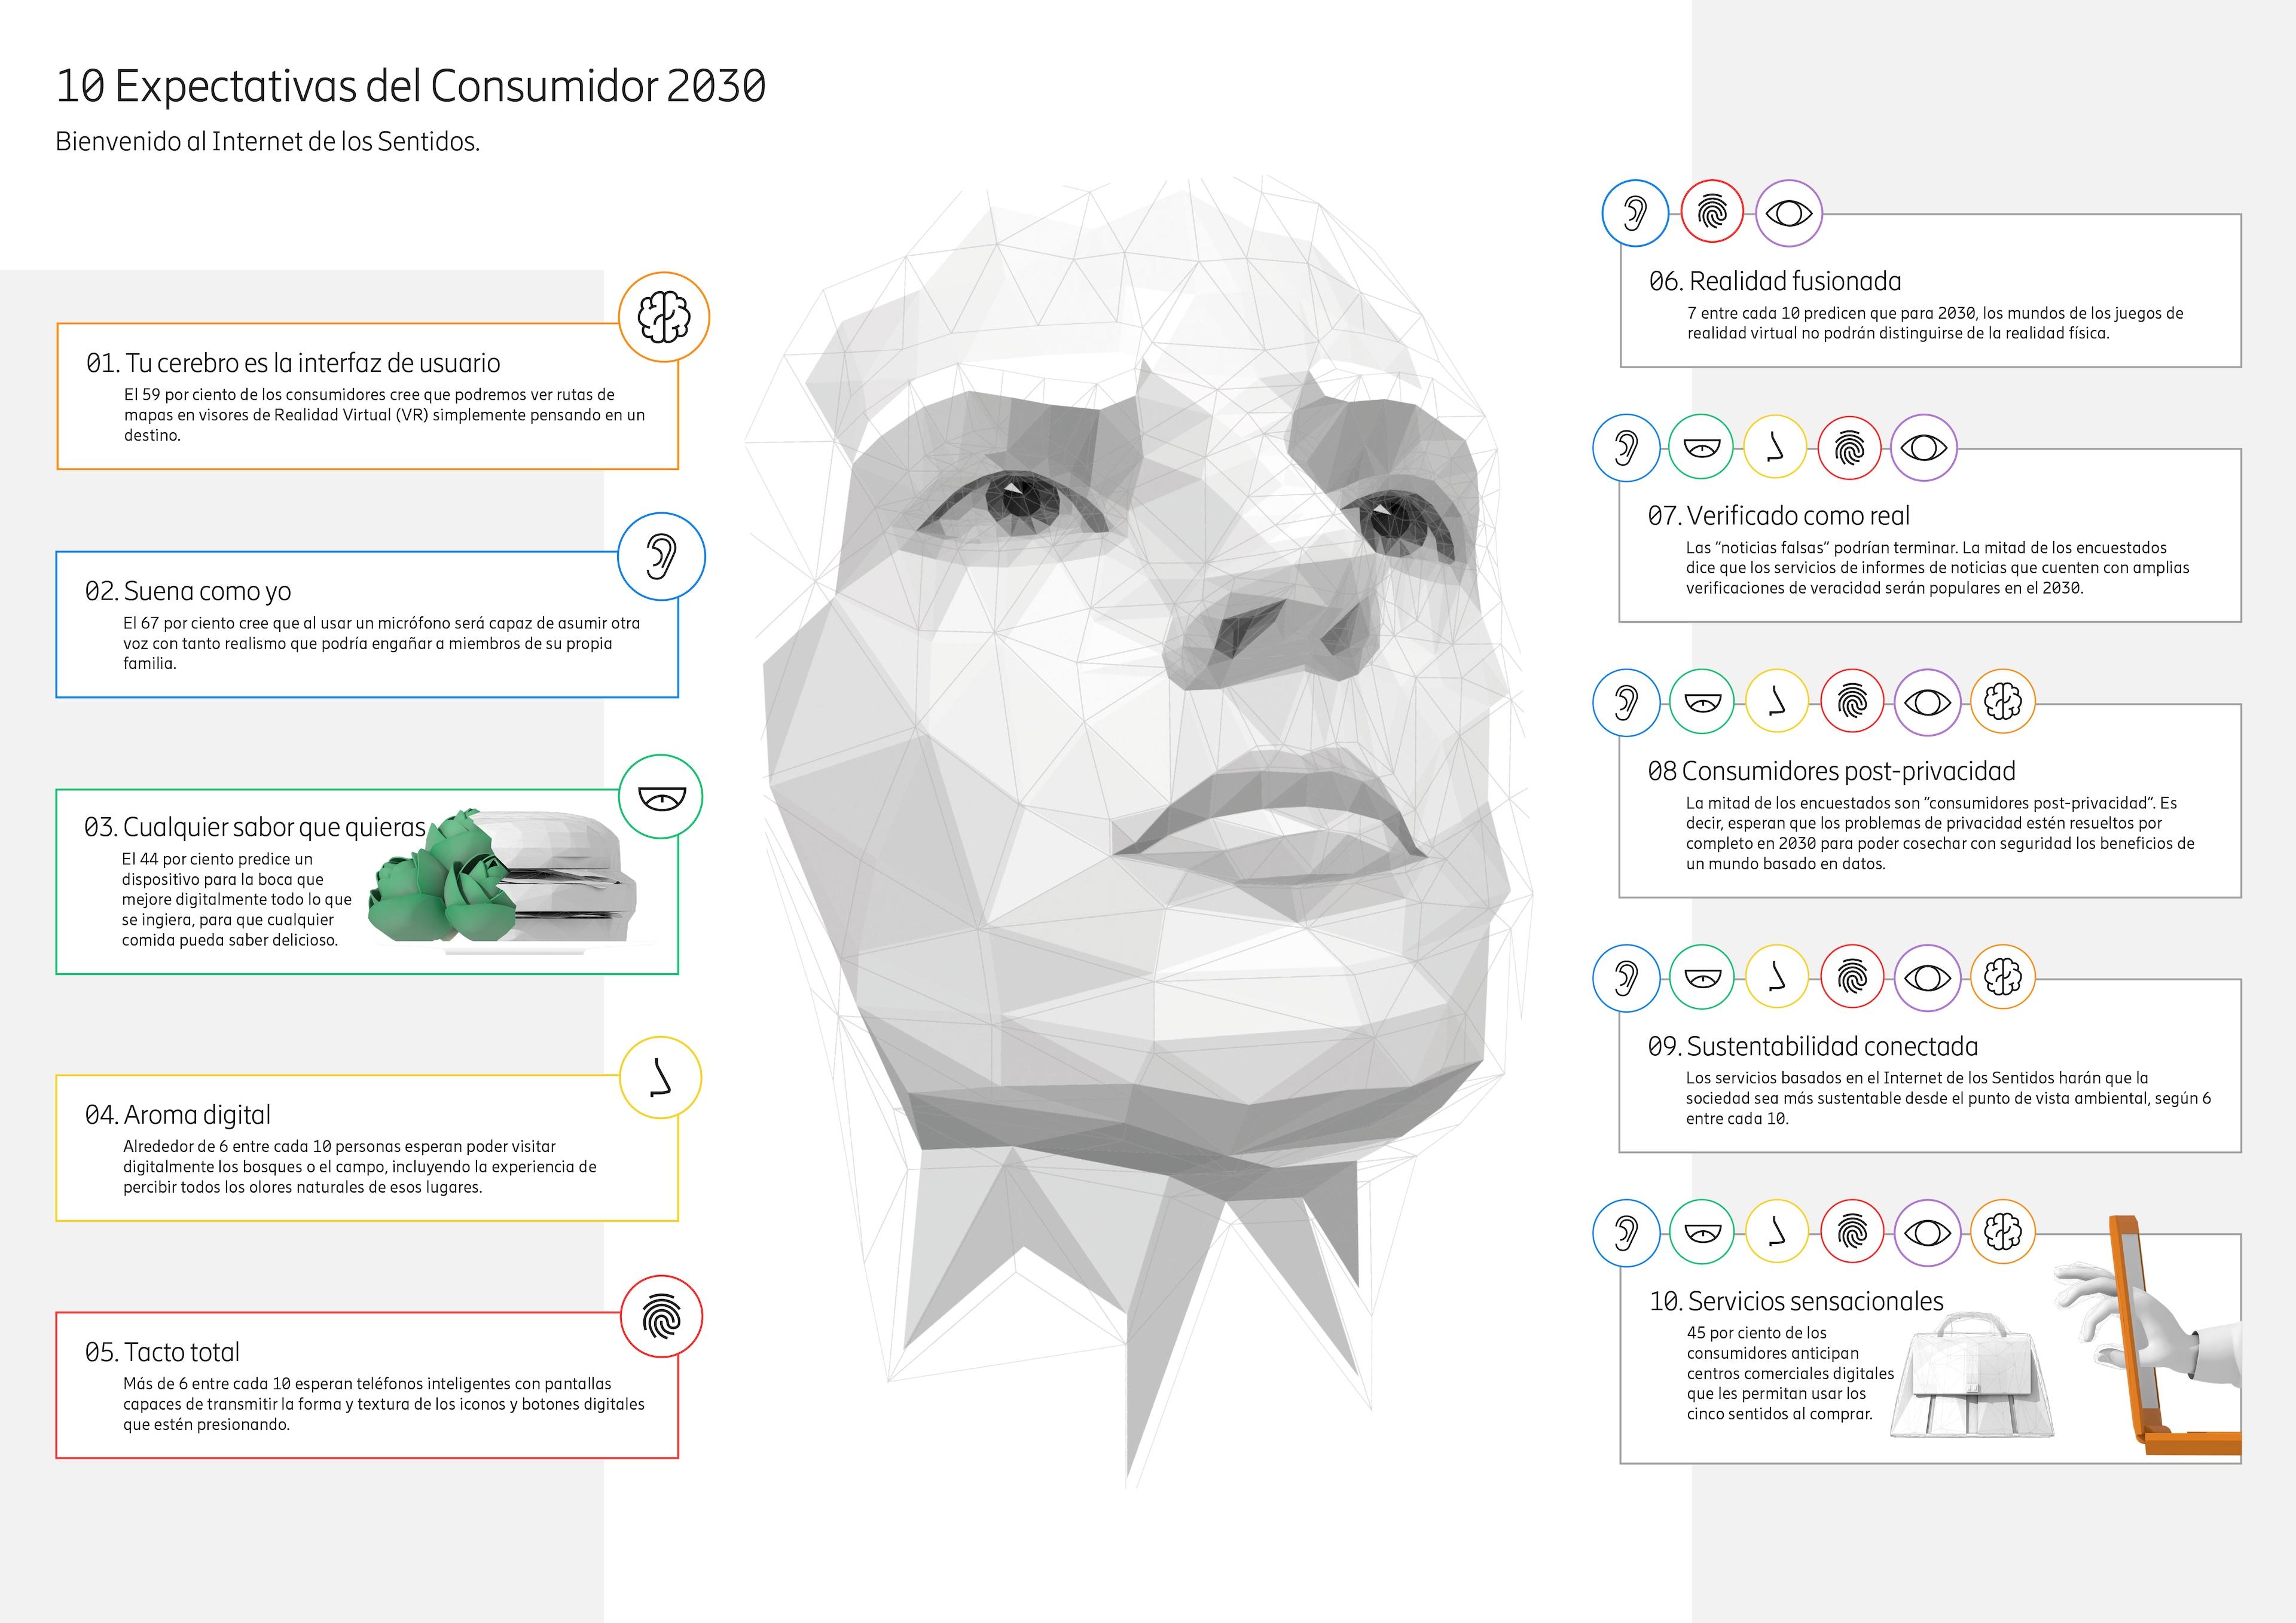 10 Infografía de Hot Consumer Trends 2030 infografía